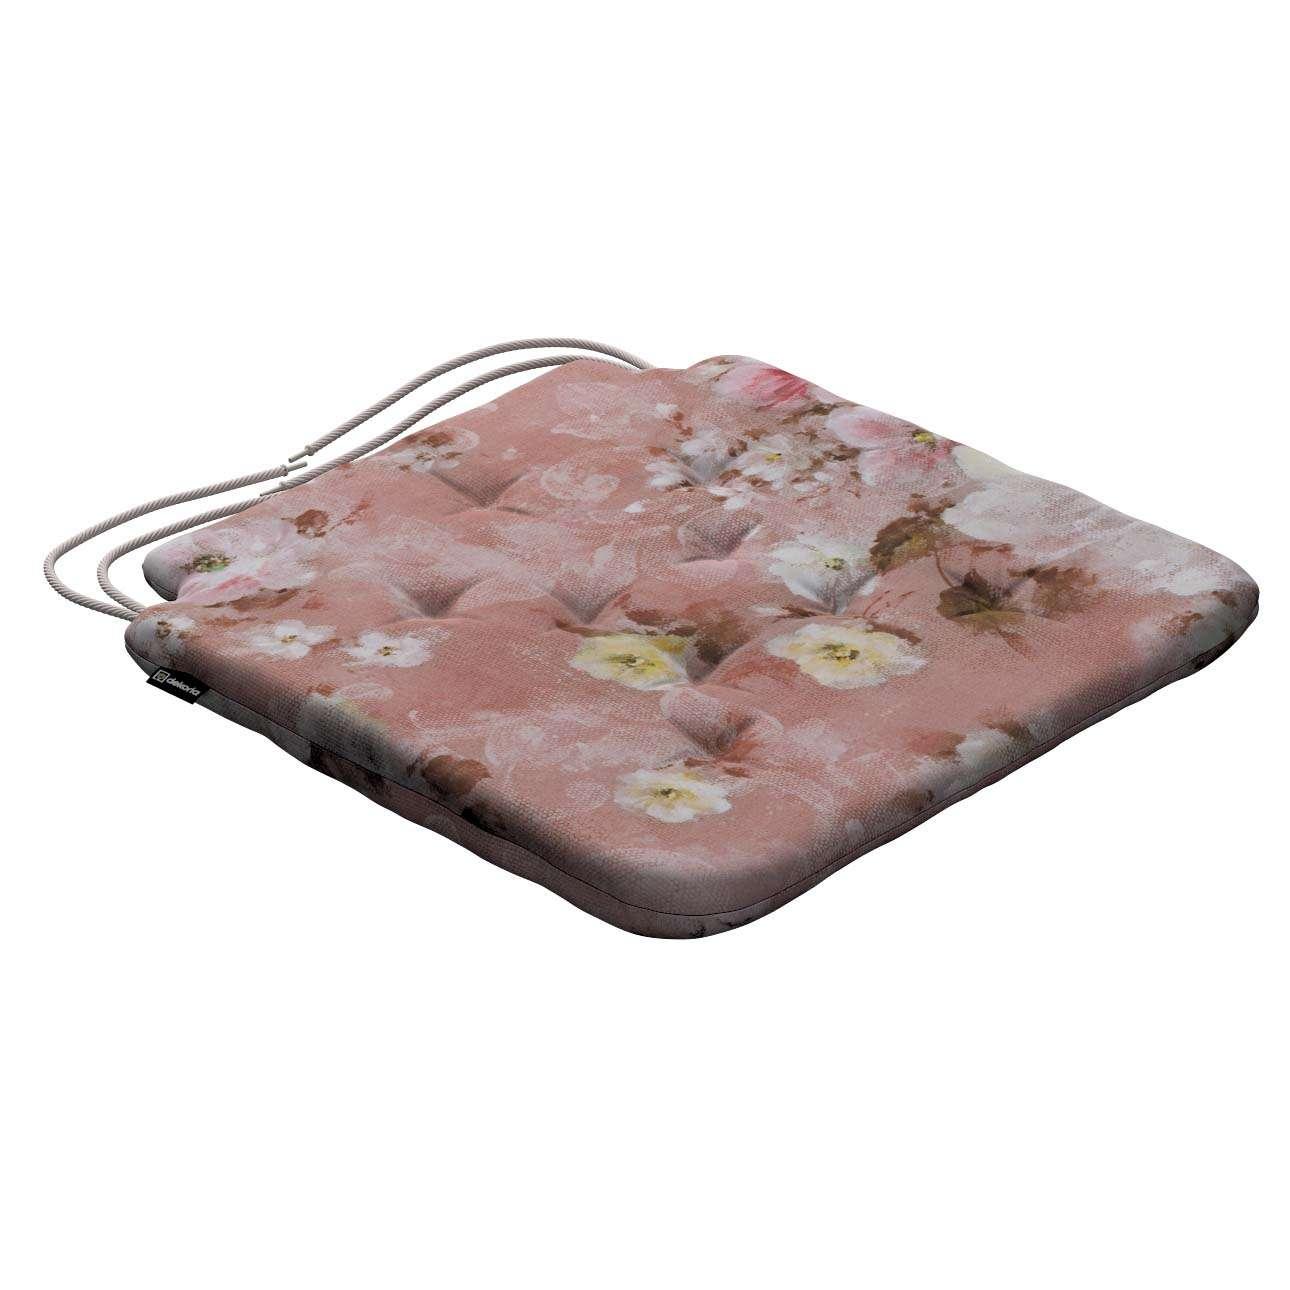 Siedzisko Olek na krzesło 42x41x3,5cm w kolekcji Monet, tkanina: 137-83